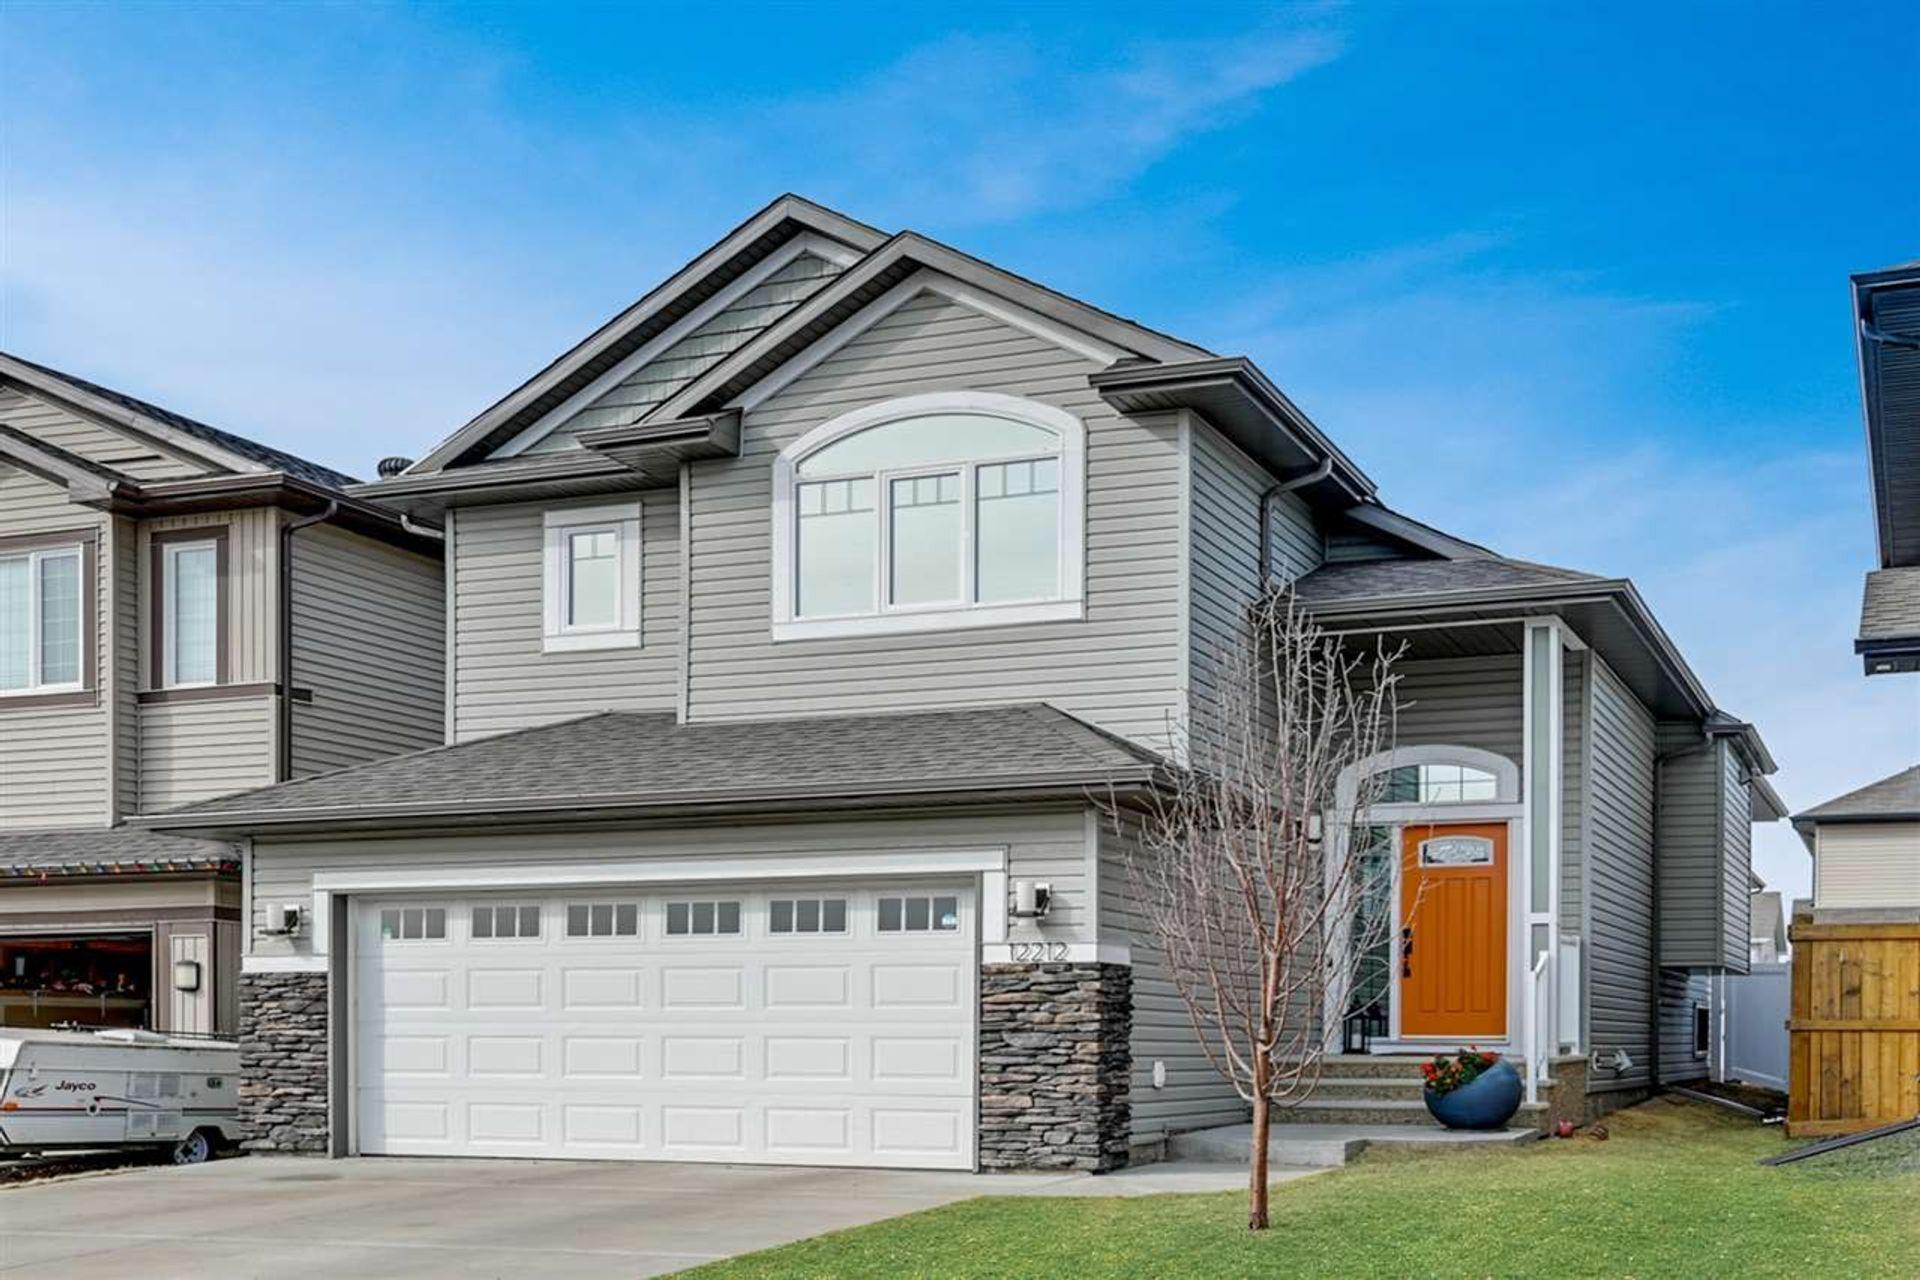 12212 170 Avenue, Rapperswill, Edmonton